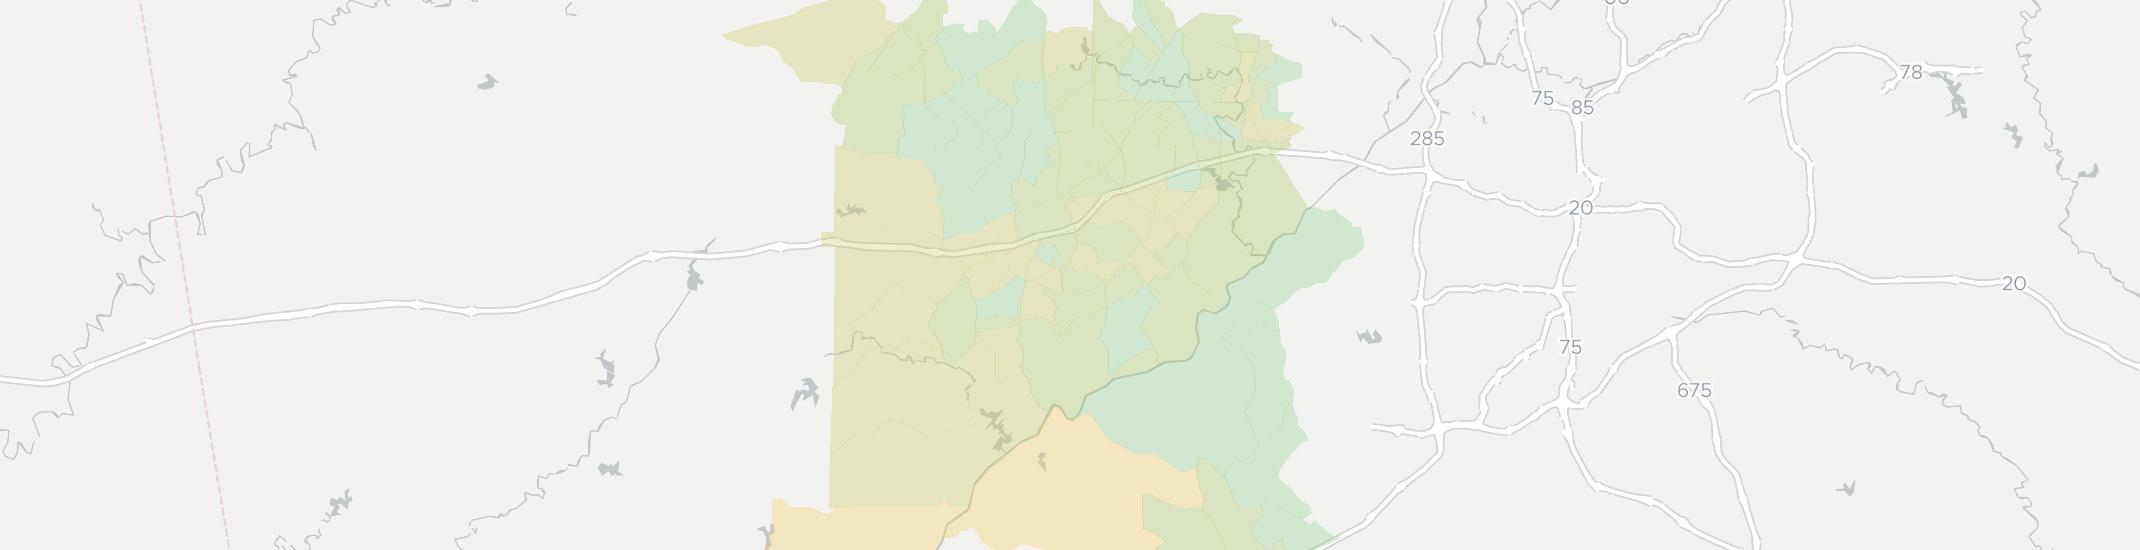 Internet Providers in Douglasville: Compare 17 Providers